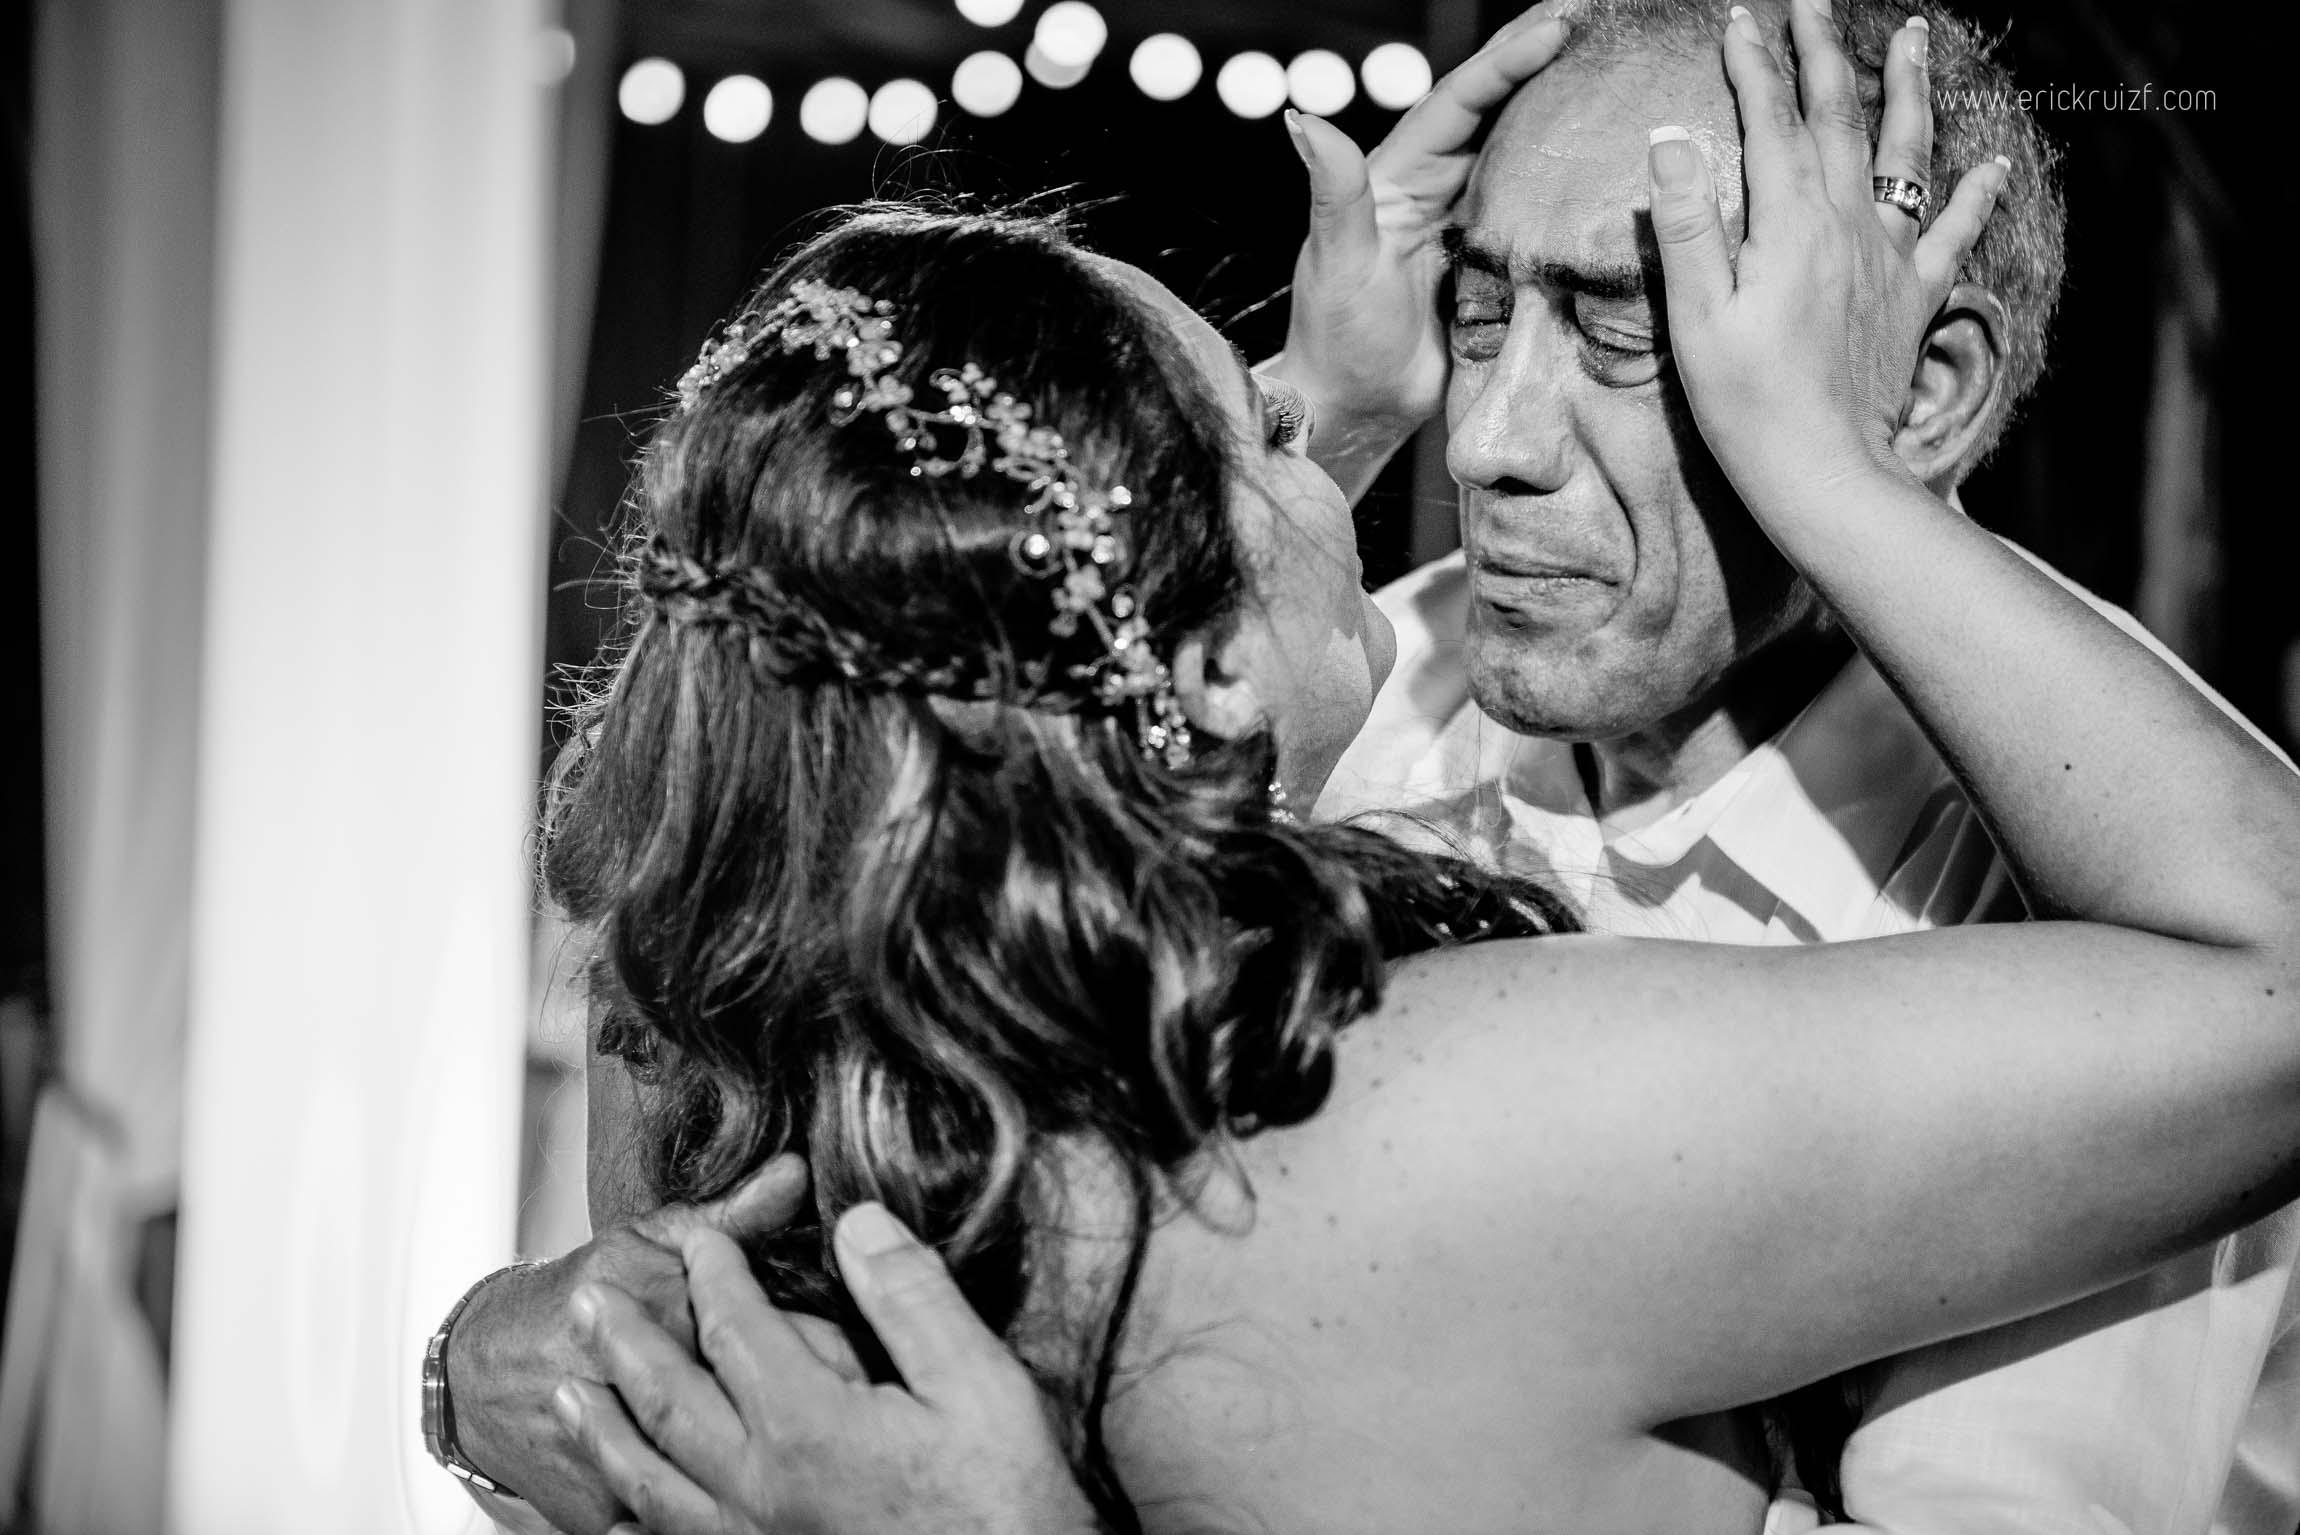 gisella y julio en mancora, bodas en playa, bodas en piura, fotografia y video de bodas, casate conmigo, zankyou, matrimonio.com.pe, erick ruiz, zoomx, sesion preboda